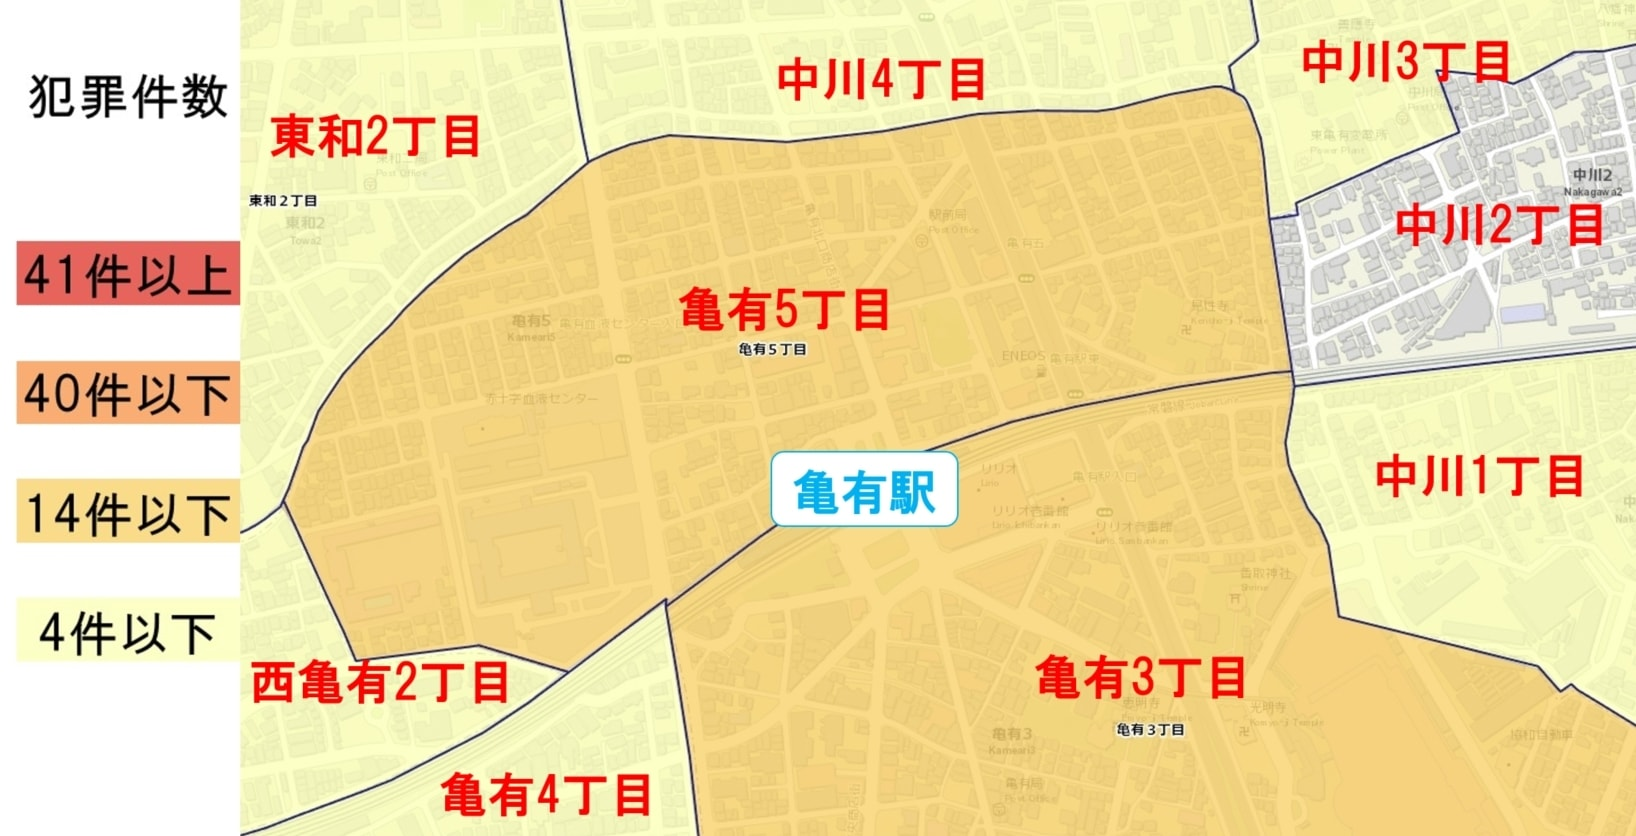 亀有駅周辺の粗暴犯の犯罪件数マップ